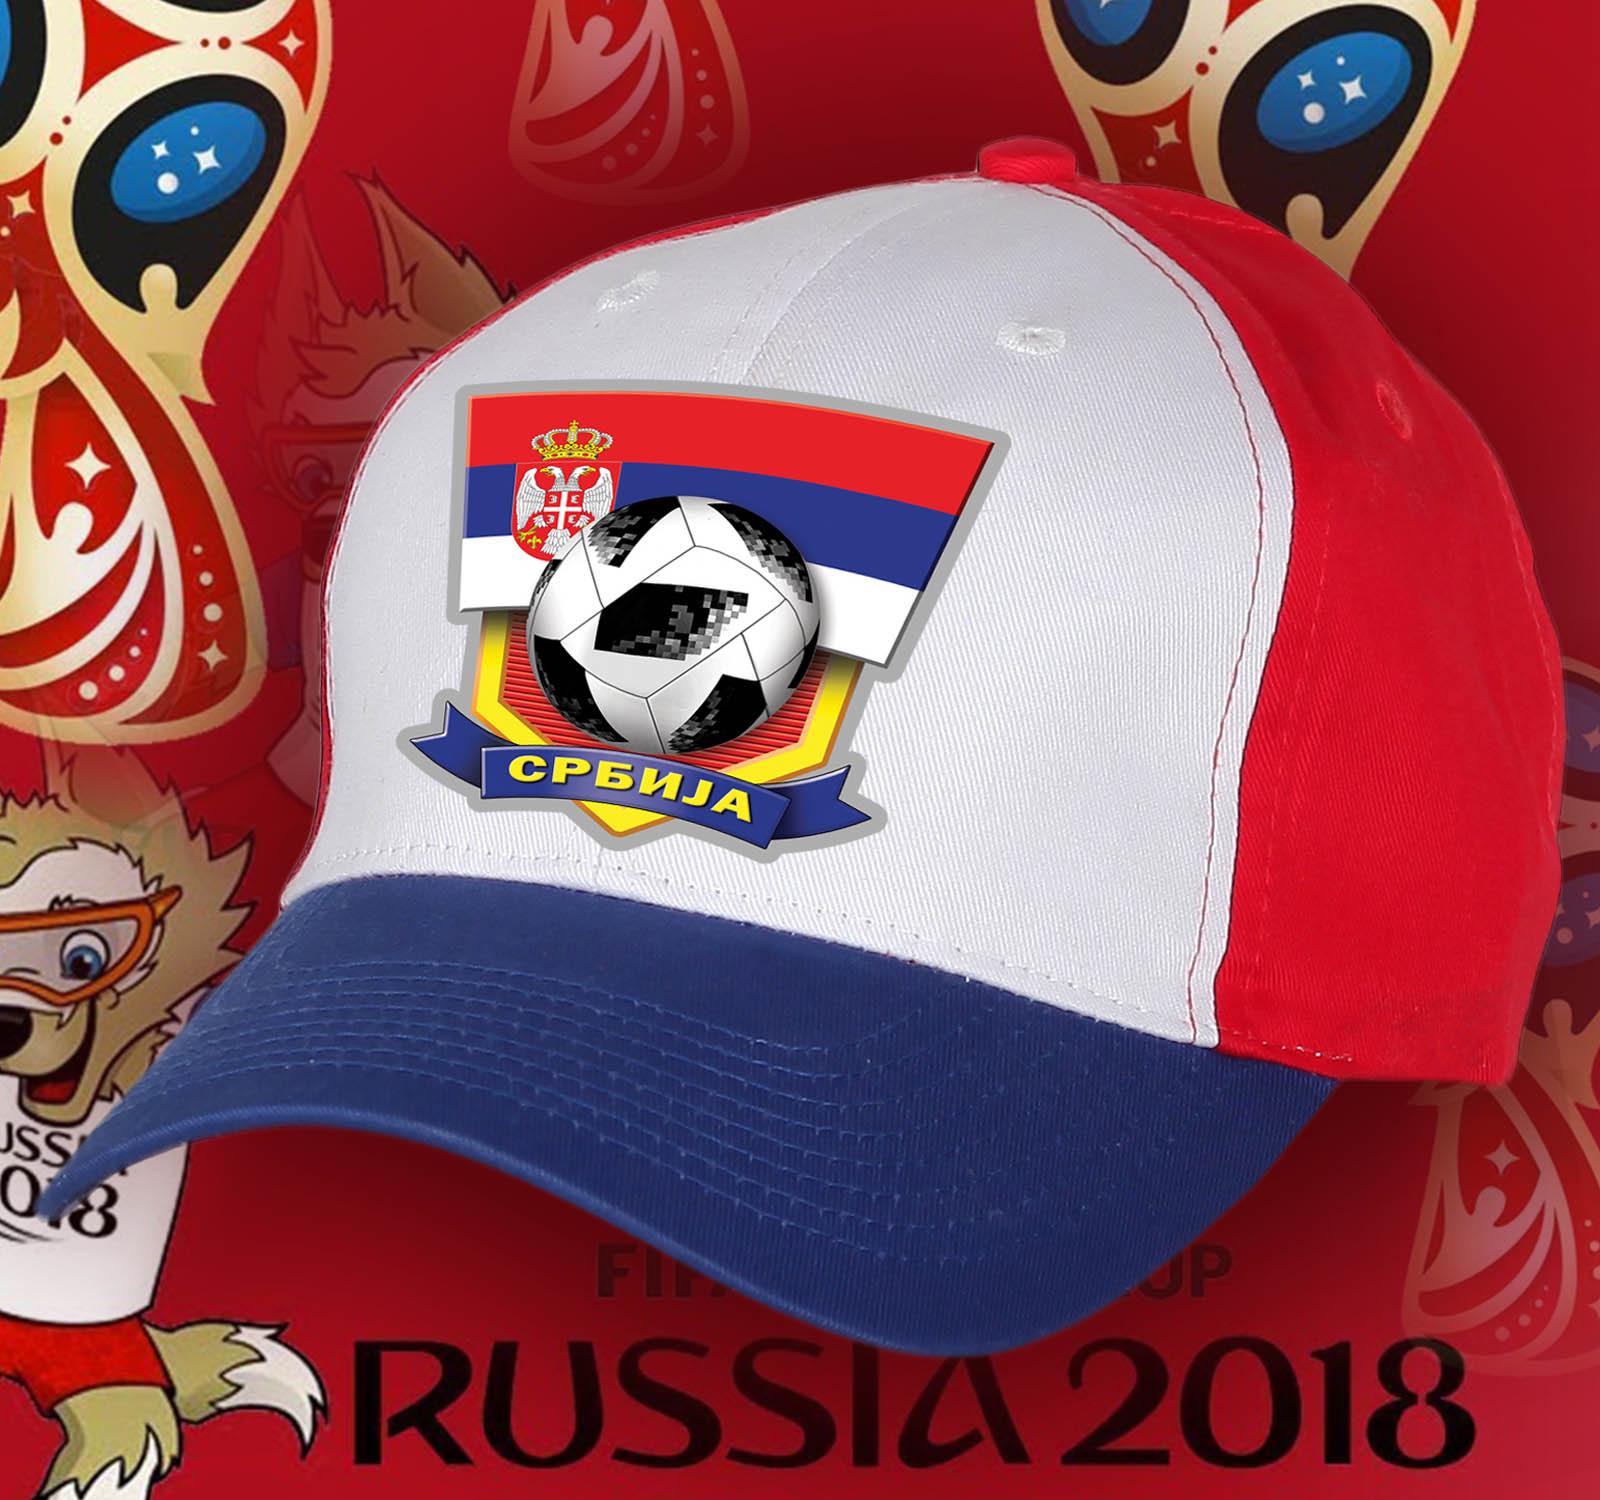 Динамичная бейсболка с символикой сербской сборной